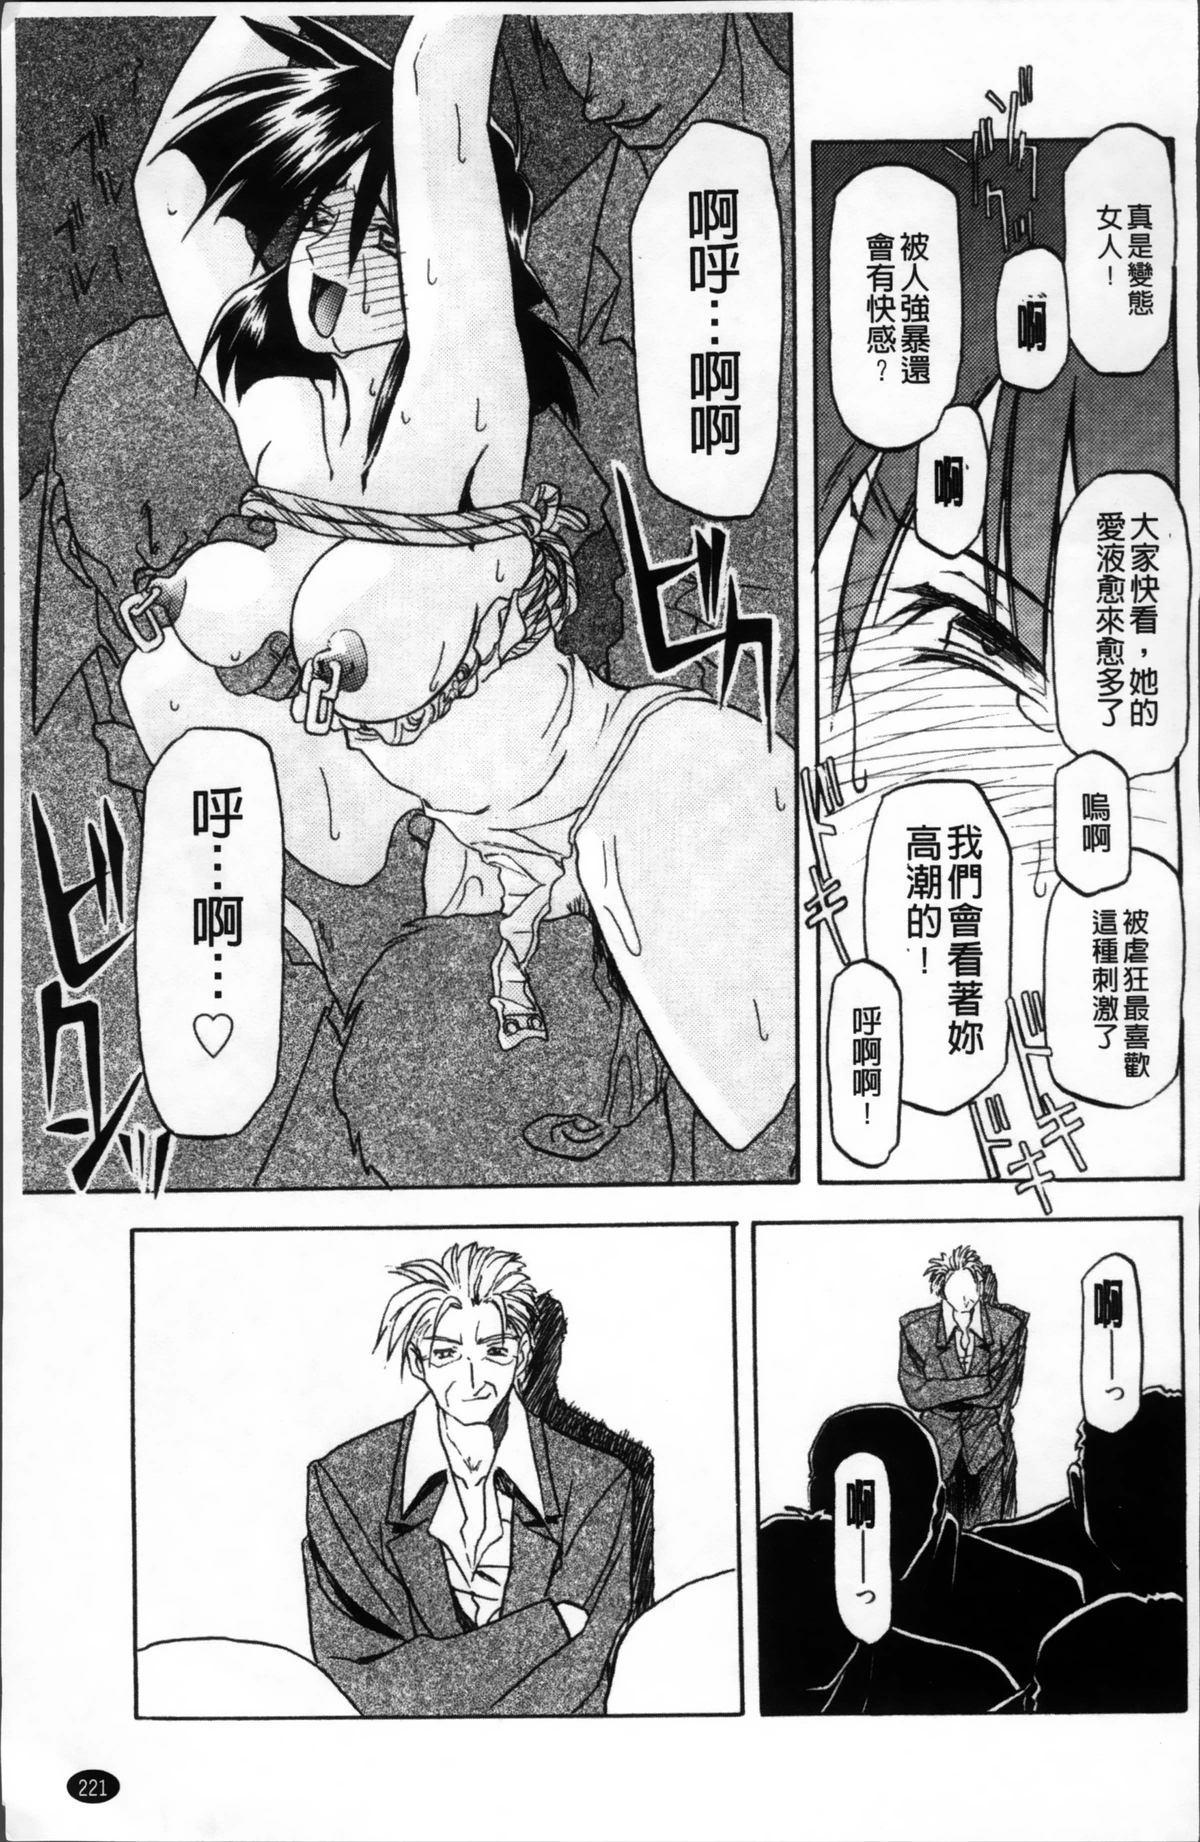 Hiiro no Koku Kanzenban   緋色之刻 完全版 224